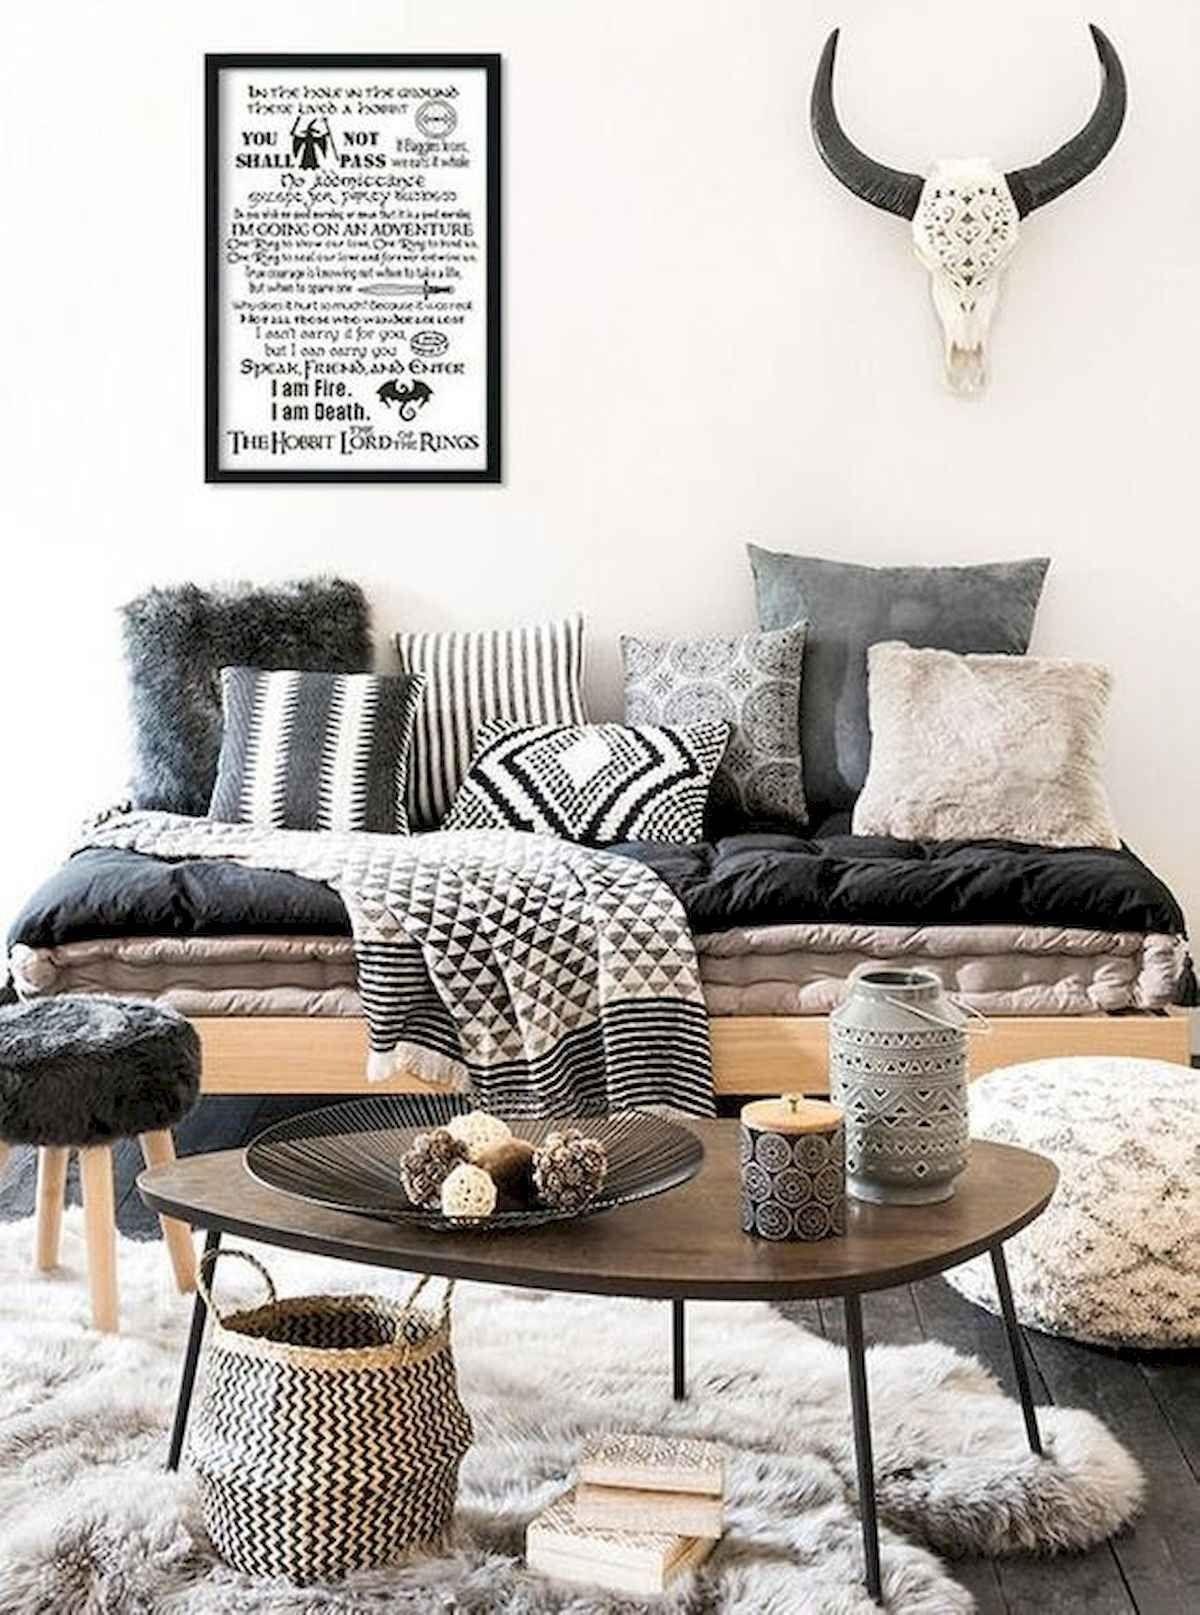 70 Stunning Grey White Black Living Room Decor Ideas And Remodel In 2020 Black Living Room Decor Chic Living Room Hygge Living Room #white #and #black #living #room #decor #ideas